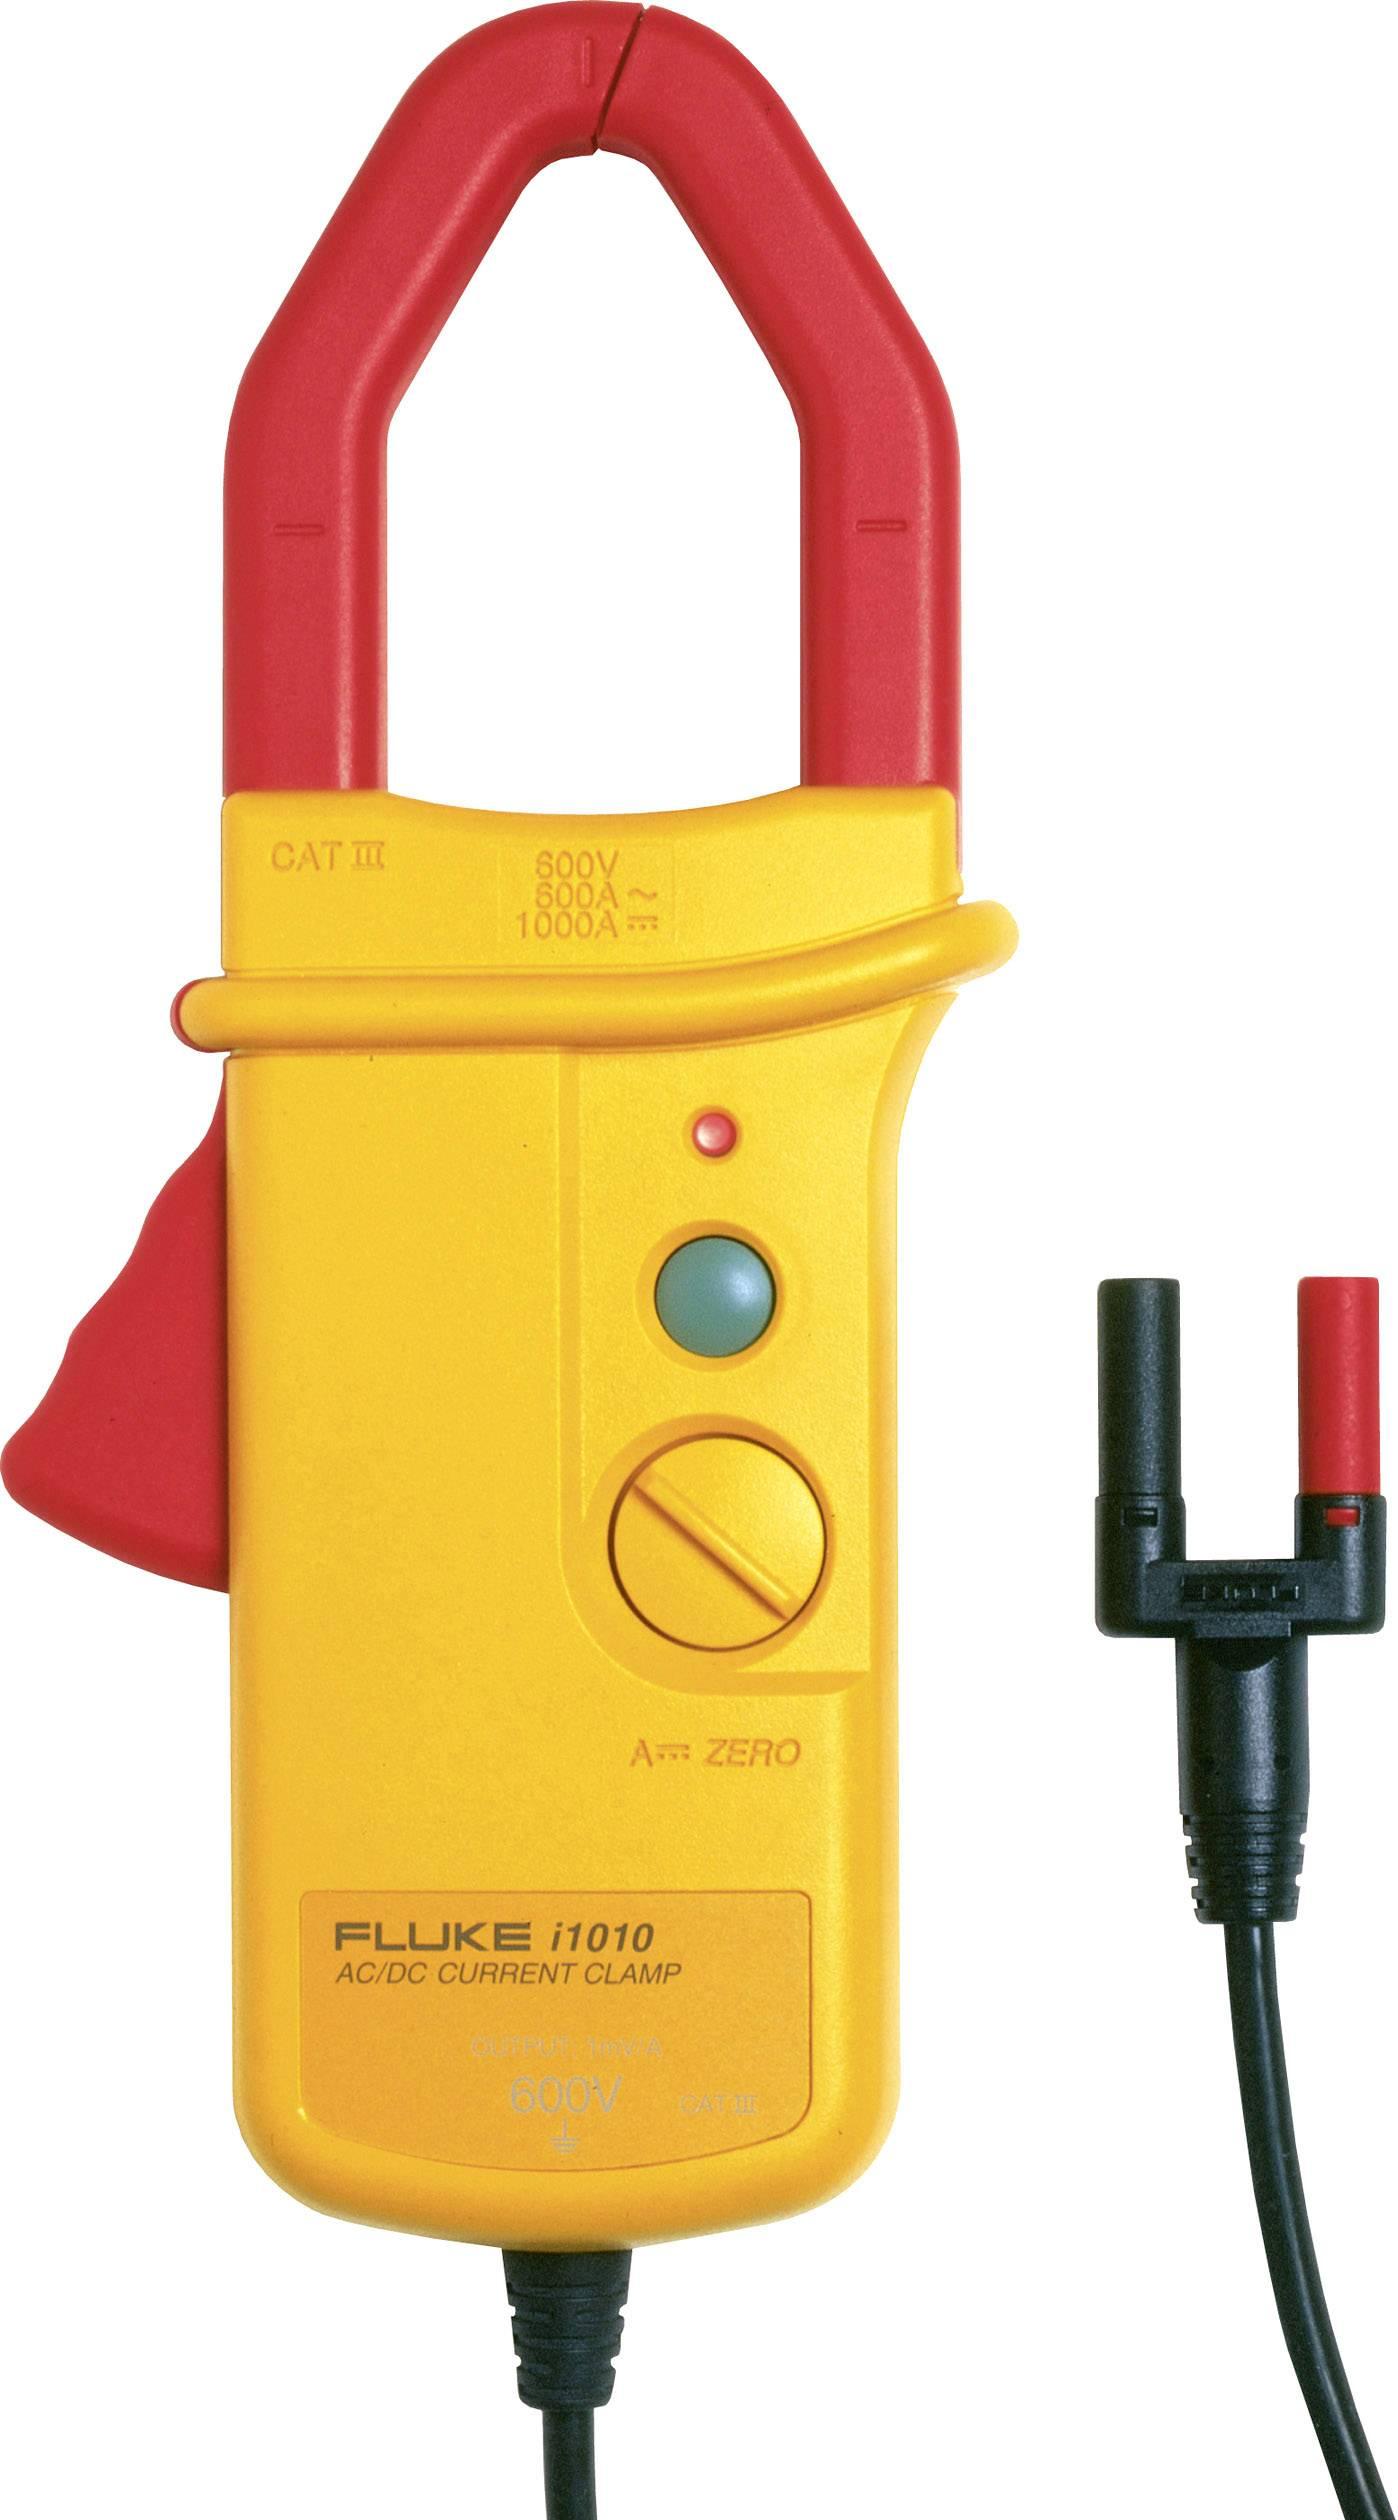 Klešťový proudový adaptér Fluke i1010, 30 mm, podnikový standard (bez certifikátu) (own)